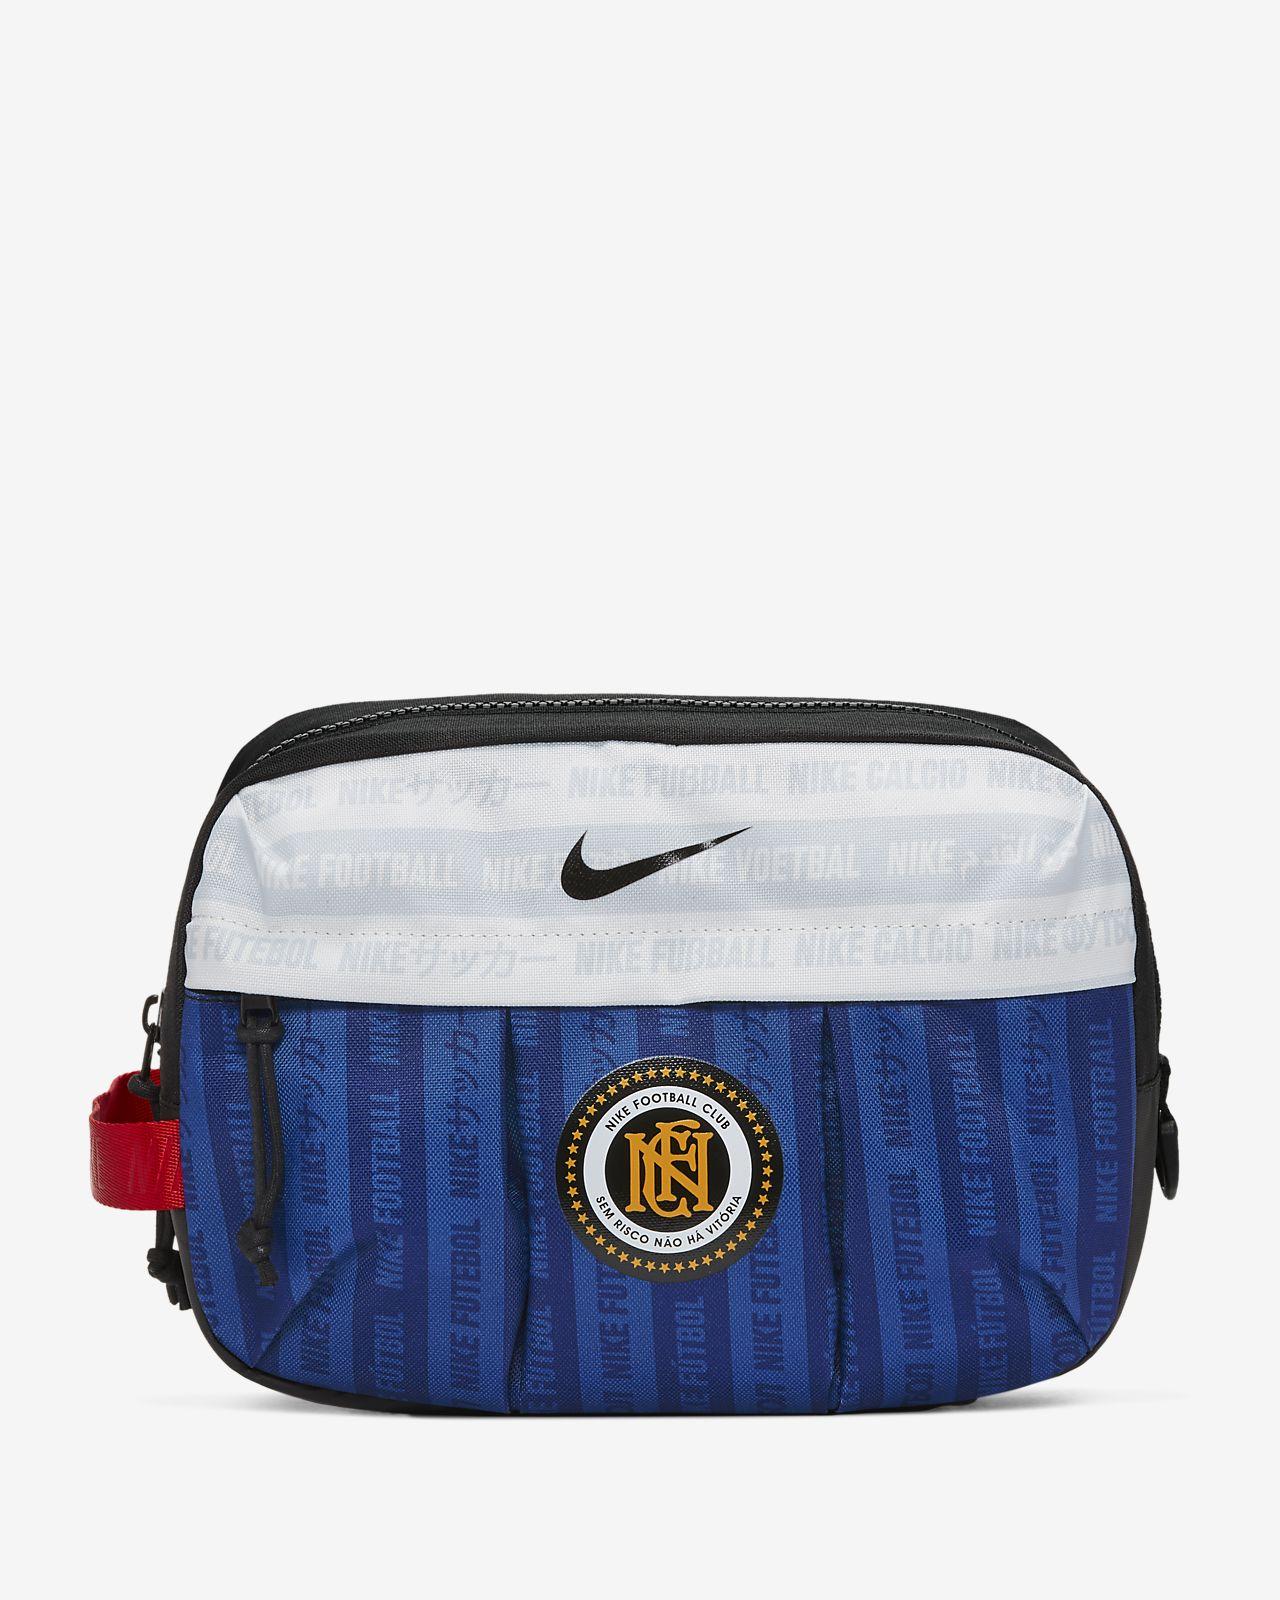 Nike F.C. Bolsa funcional de fútbol